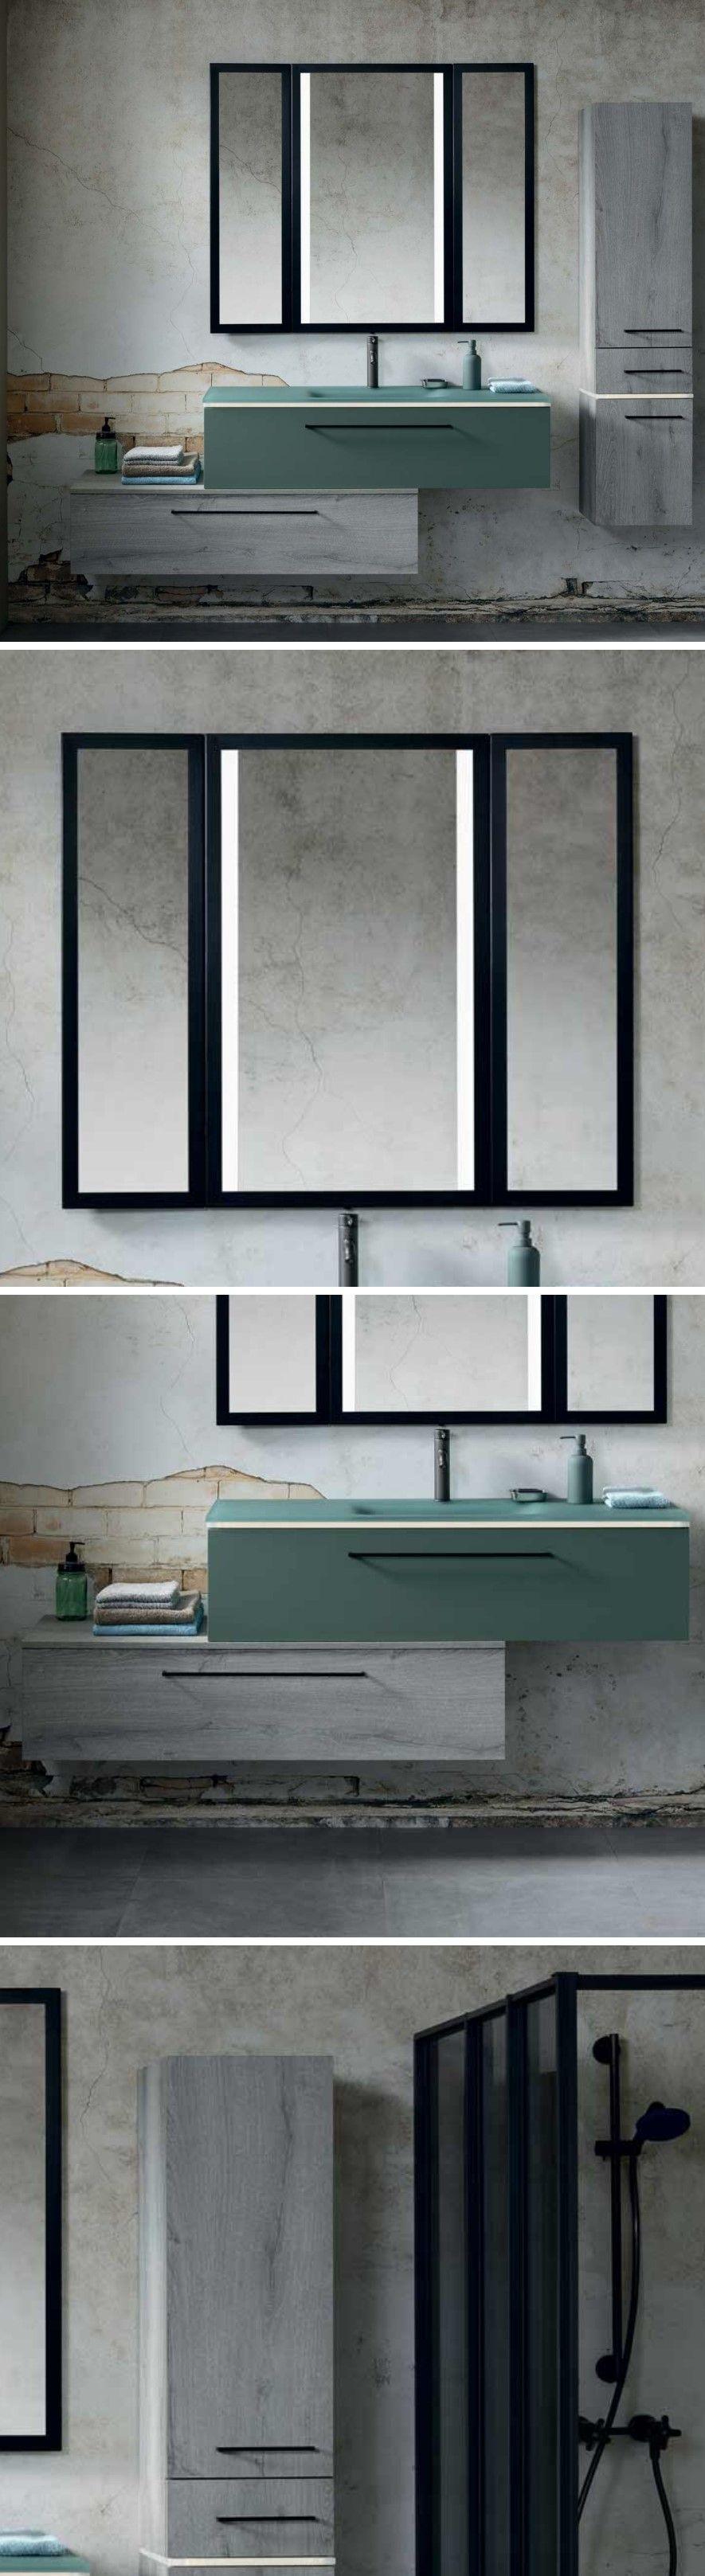 Salle De Bain Halo cette salle de bain originale de la gamme halo est composée